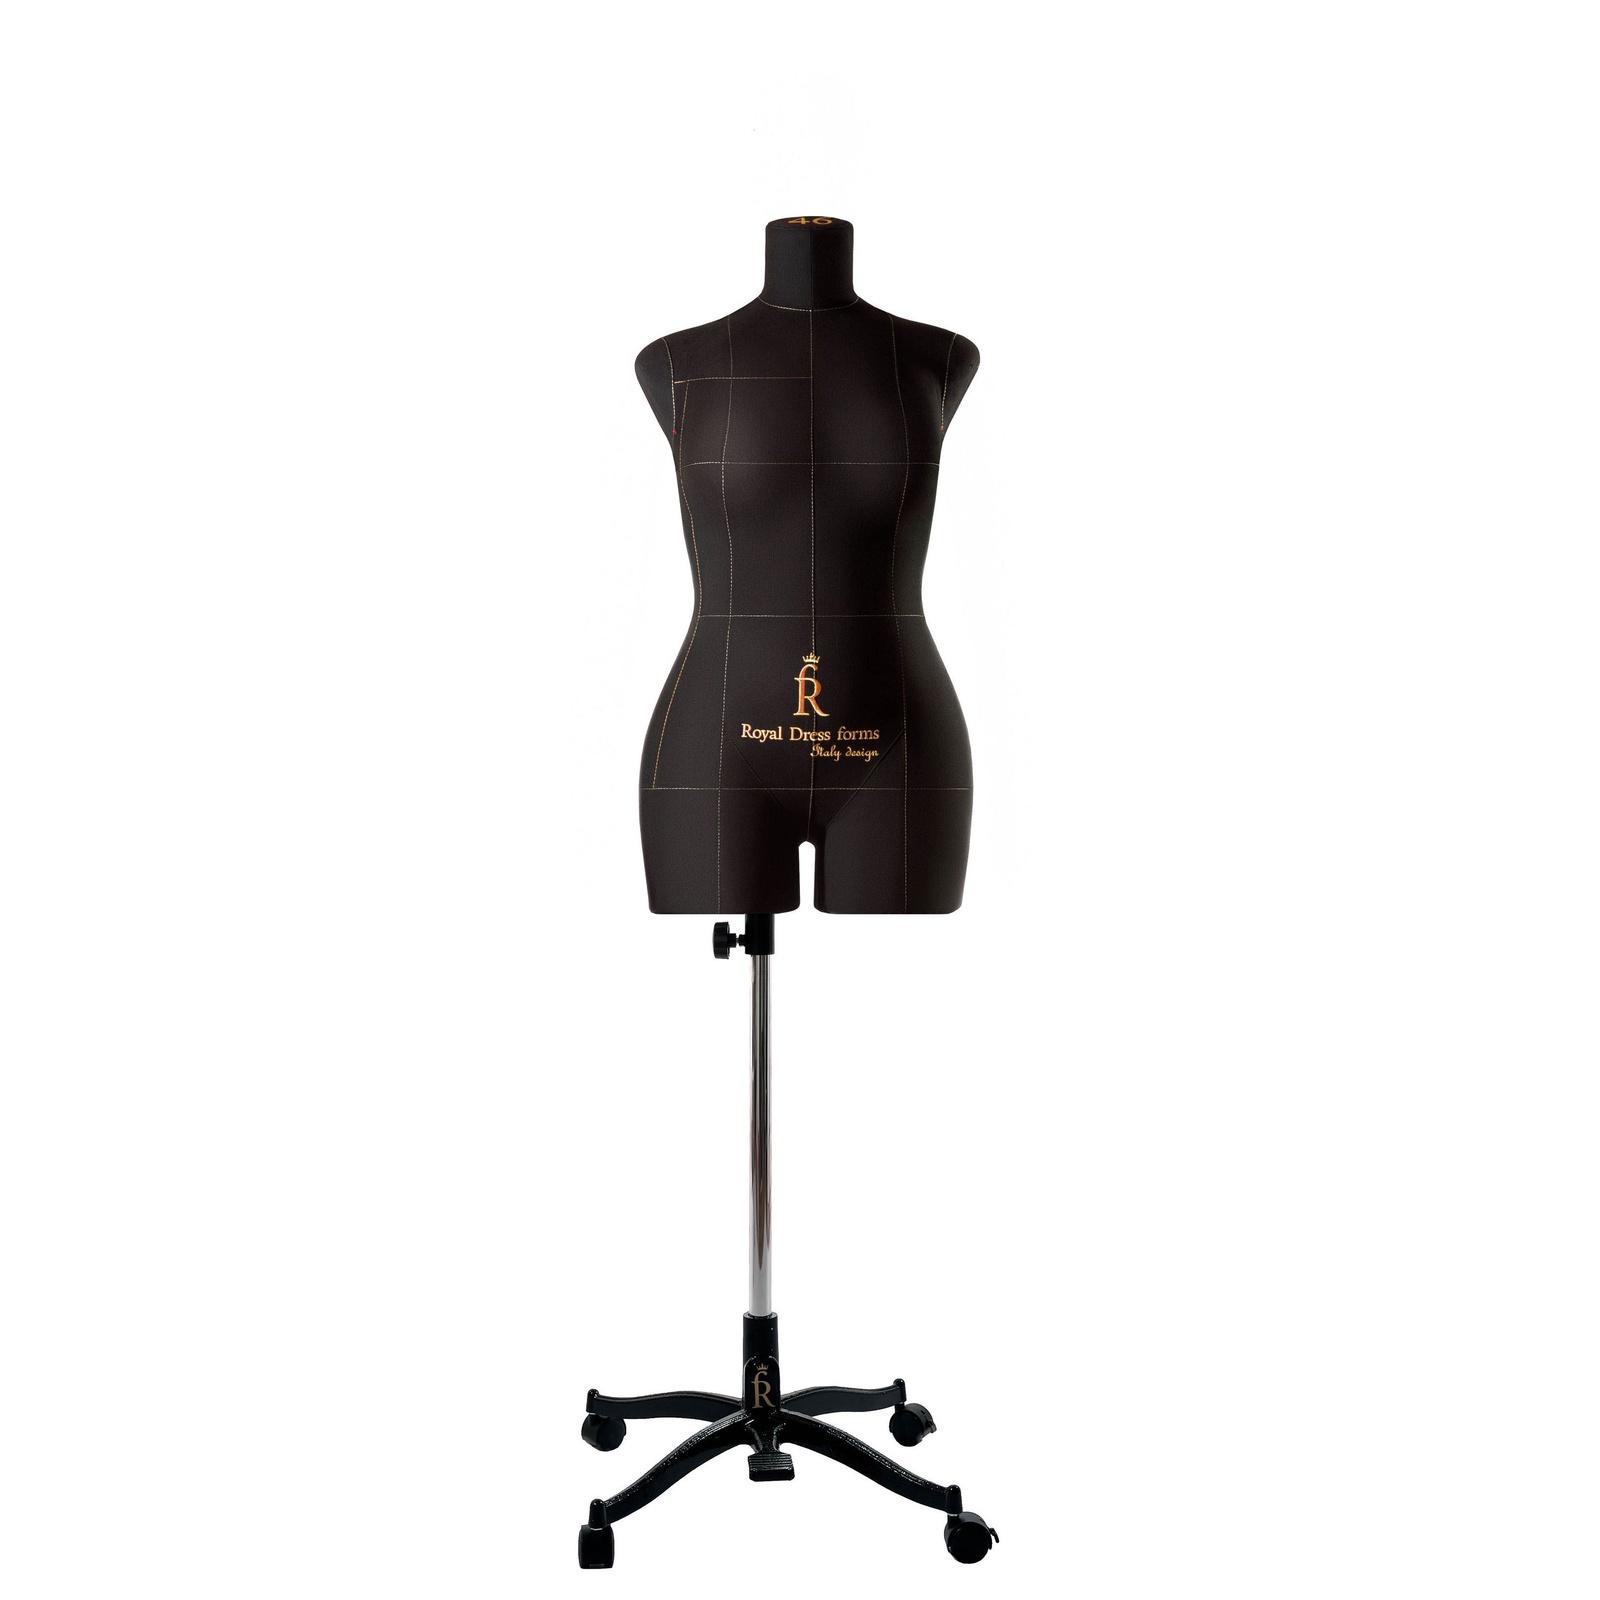 Манекен Royal Dress forms Monica 46 манекен monica размер 52 бежевый